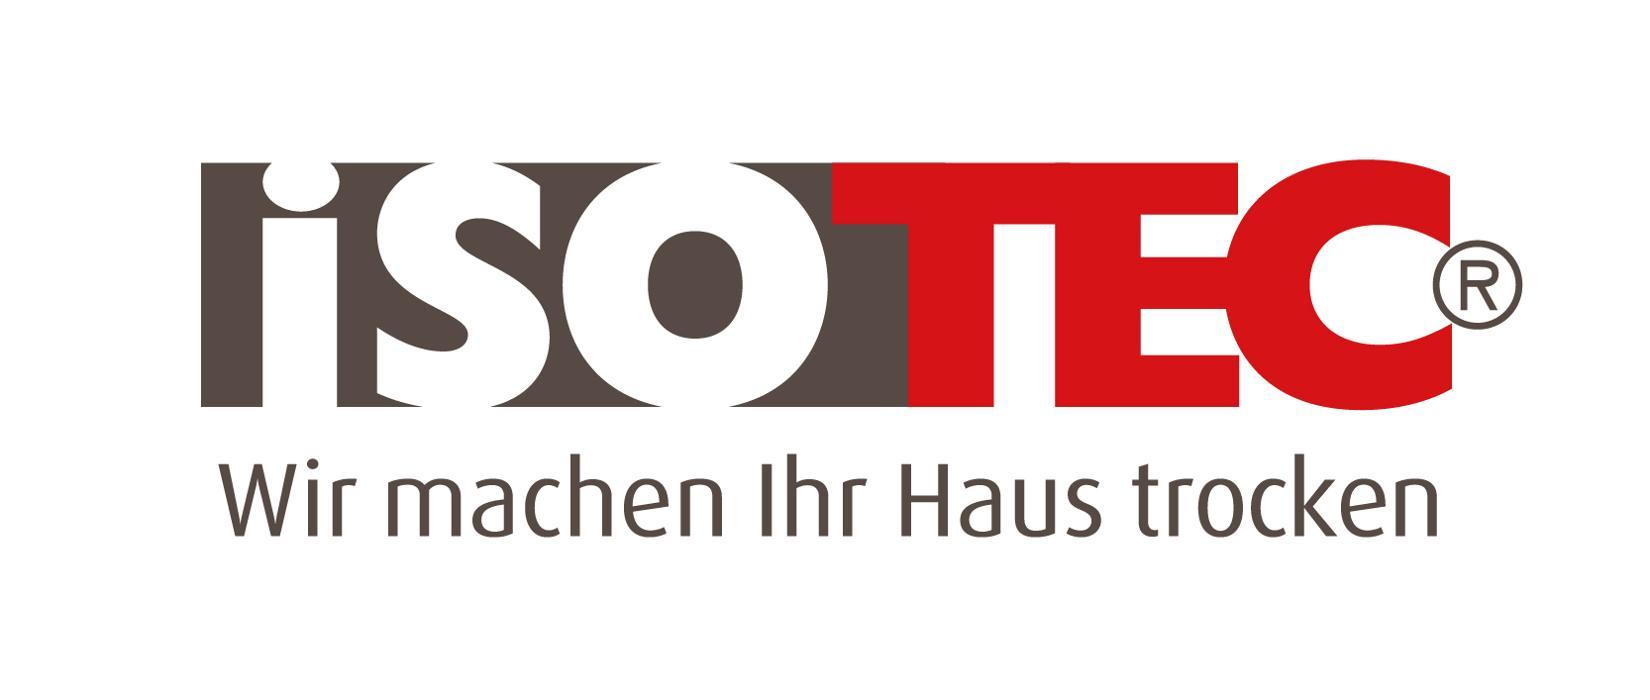 ISOTEC-Abdichtungstechnik Pütz GmbH